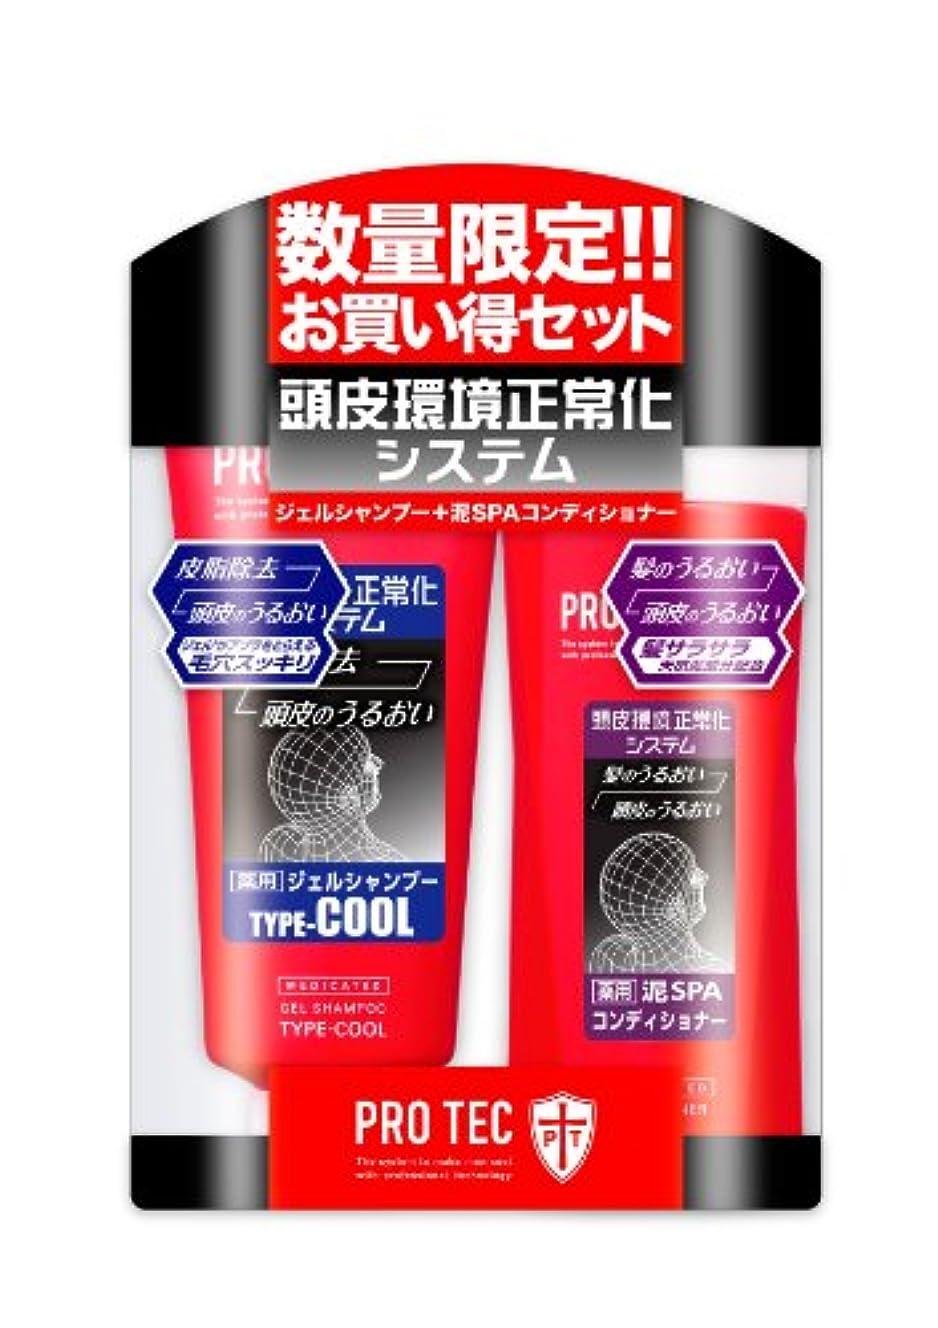 繊毛公平サーカスPRO TEC ジェルシャンプーTYPE-COOL+泥SPAコンディショナーセット 180g+180mL